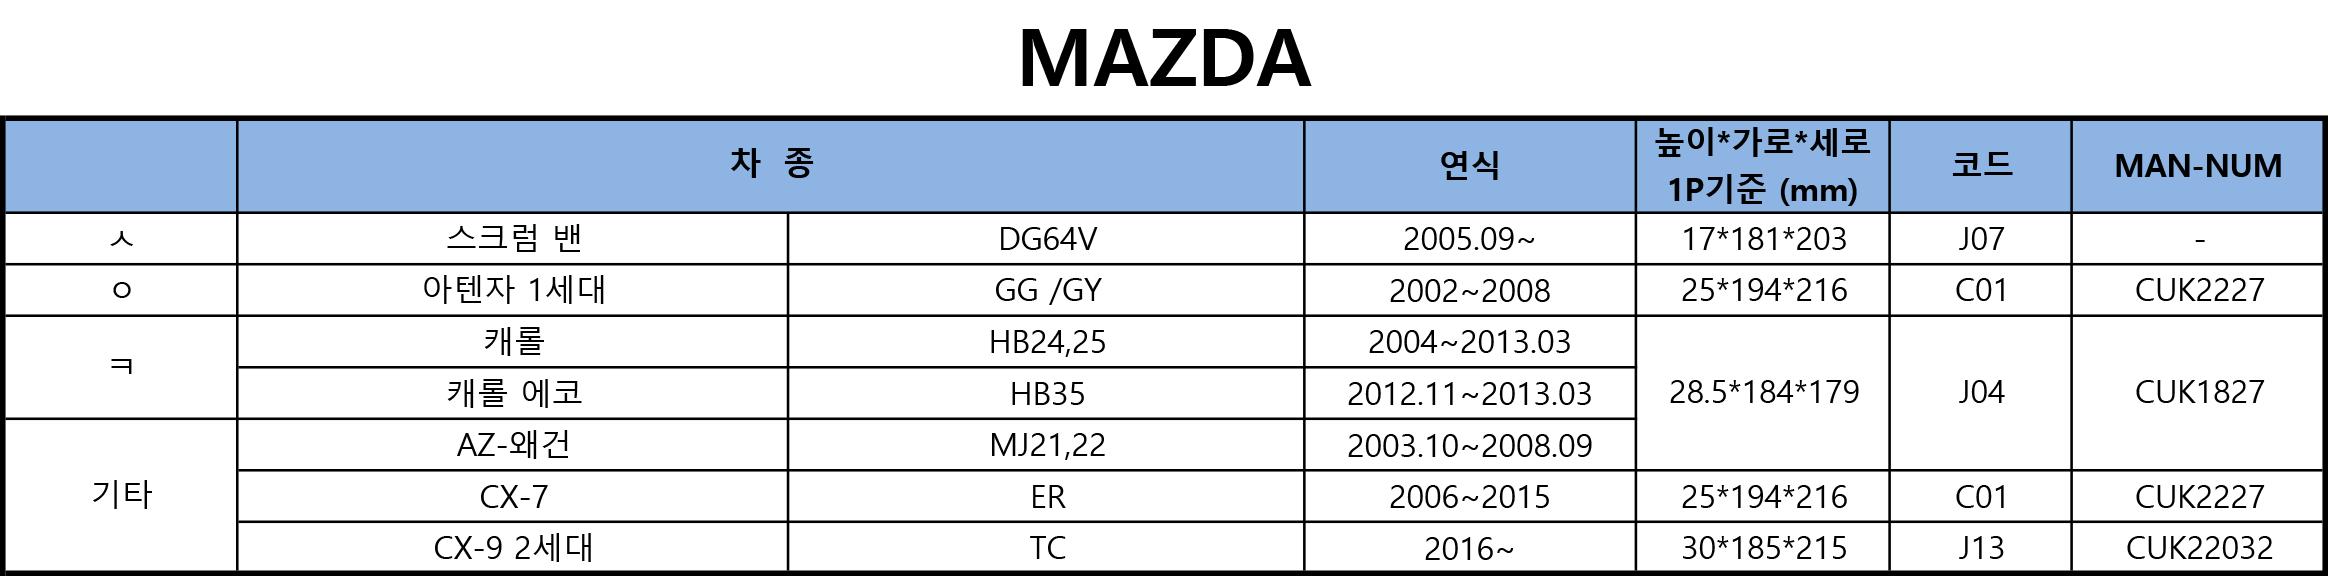 17-MAZDA.png